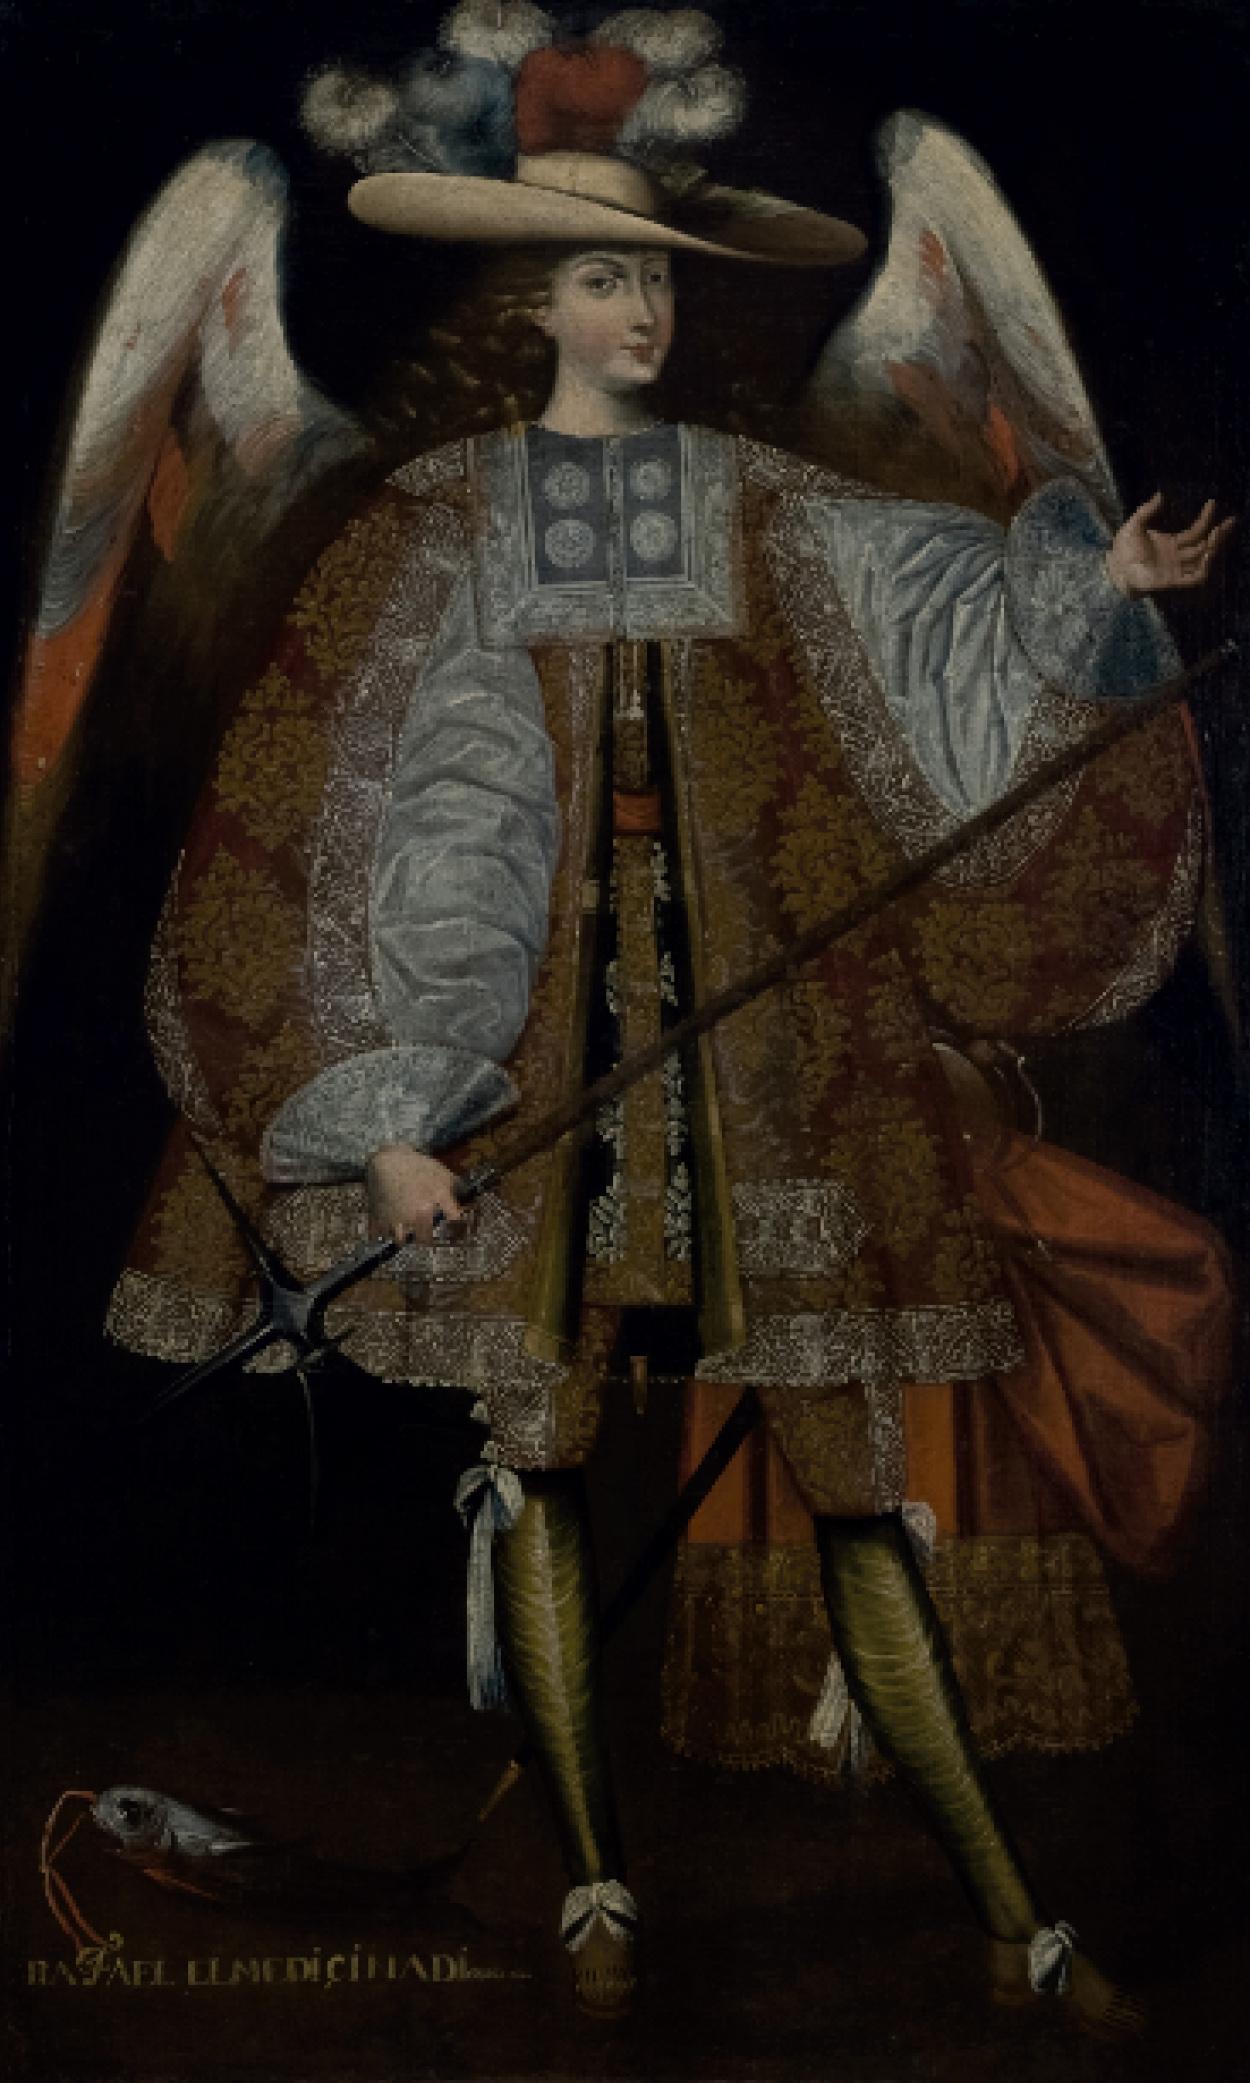 Arcángel Rafael (1699 - 1729)